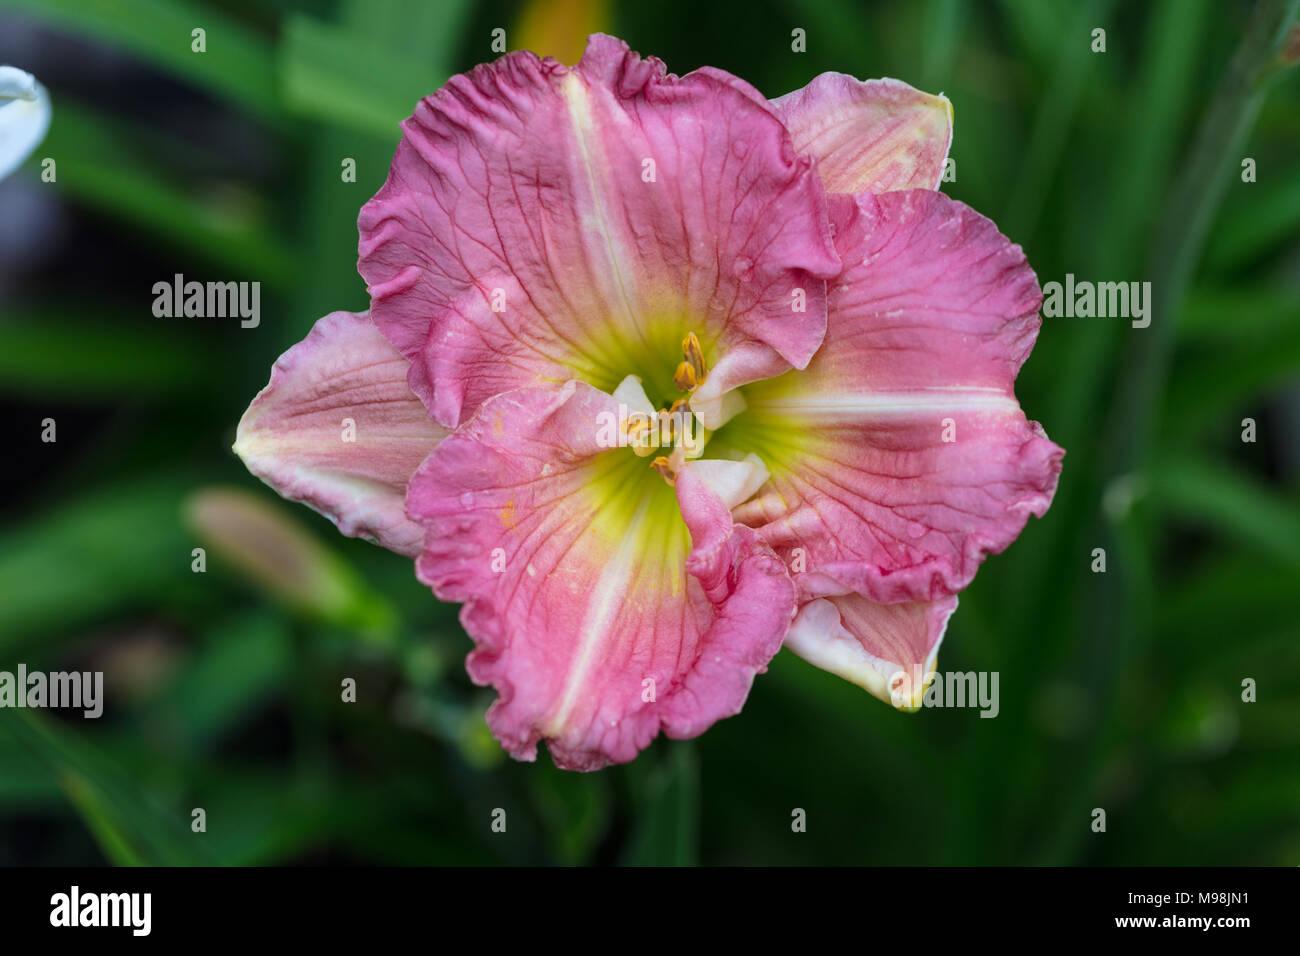 'Flirt' hémérocalle, Daglilja (Hemerocallis) Photo Stock